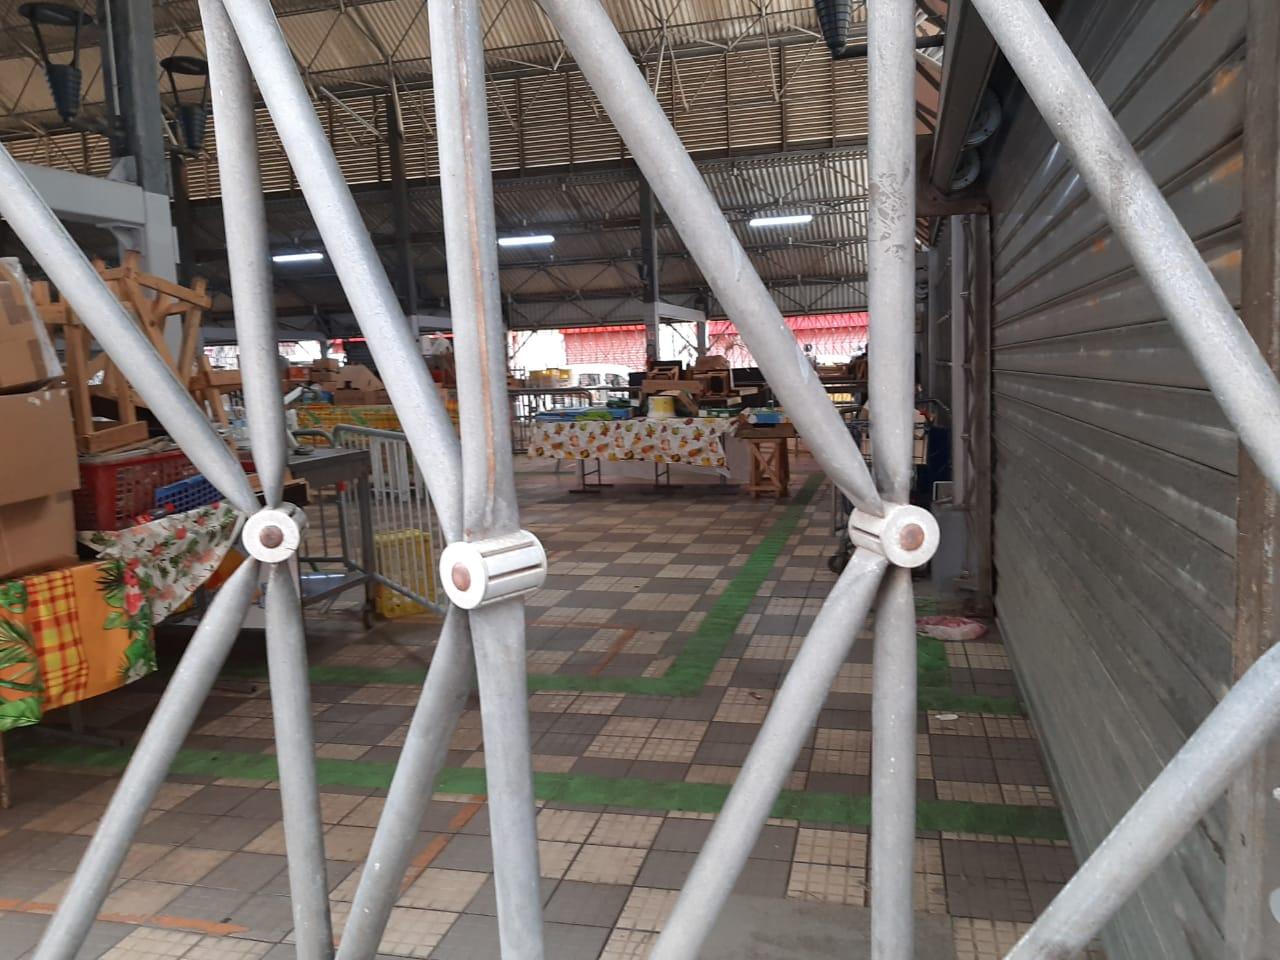 Déconfinement : le grand marché de Fort-de-France n'est pas encore prêt à recevoir le public